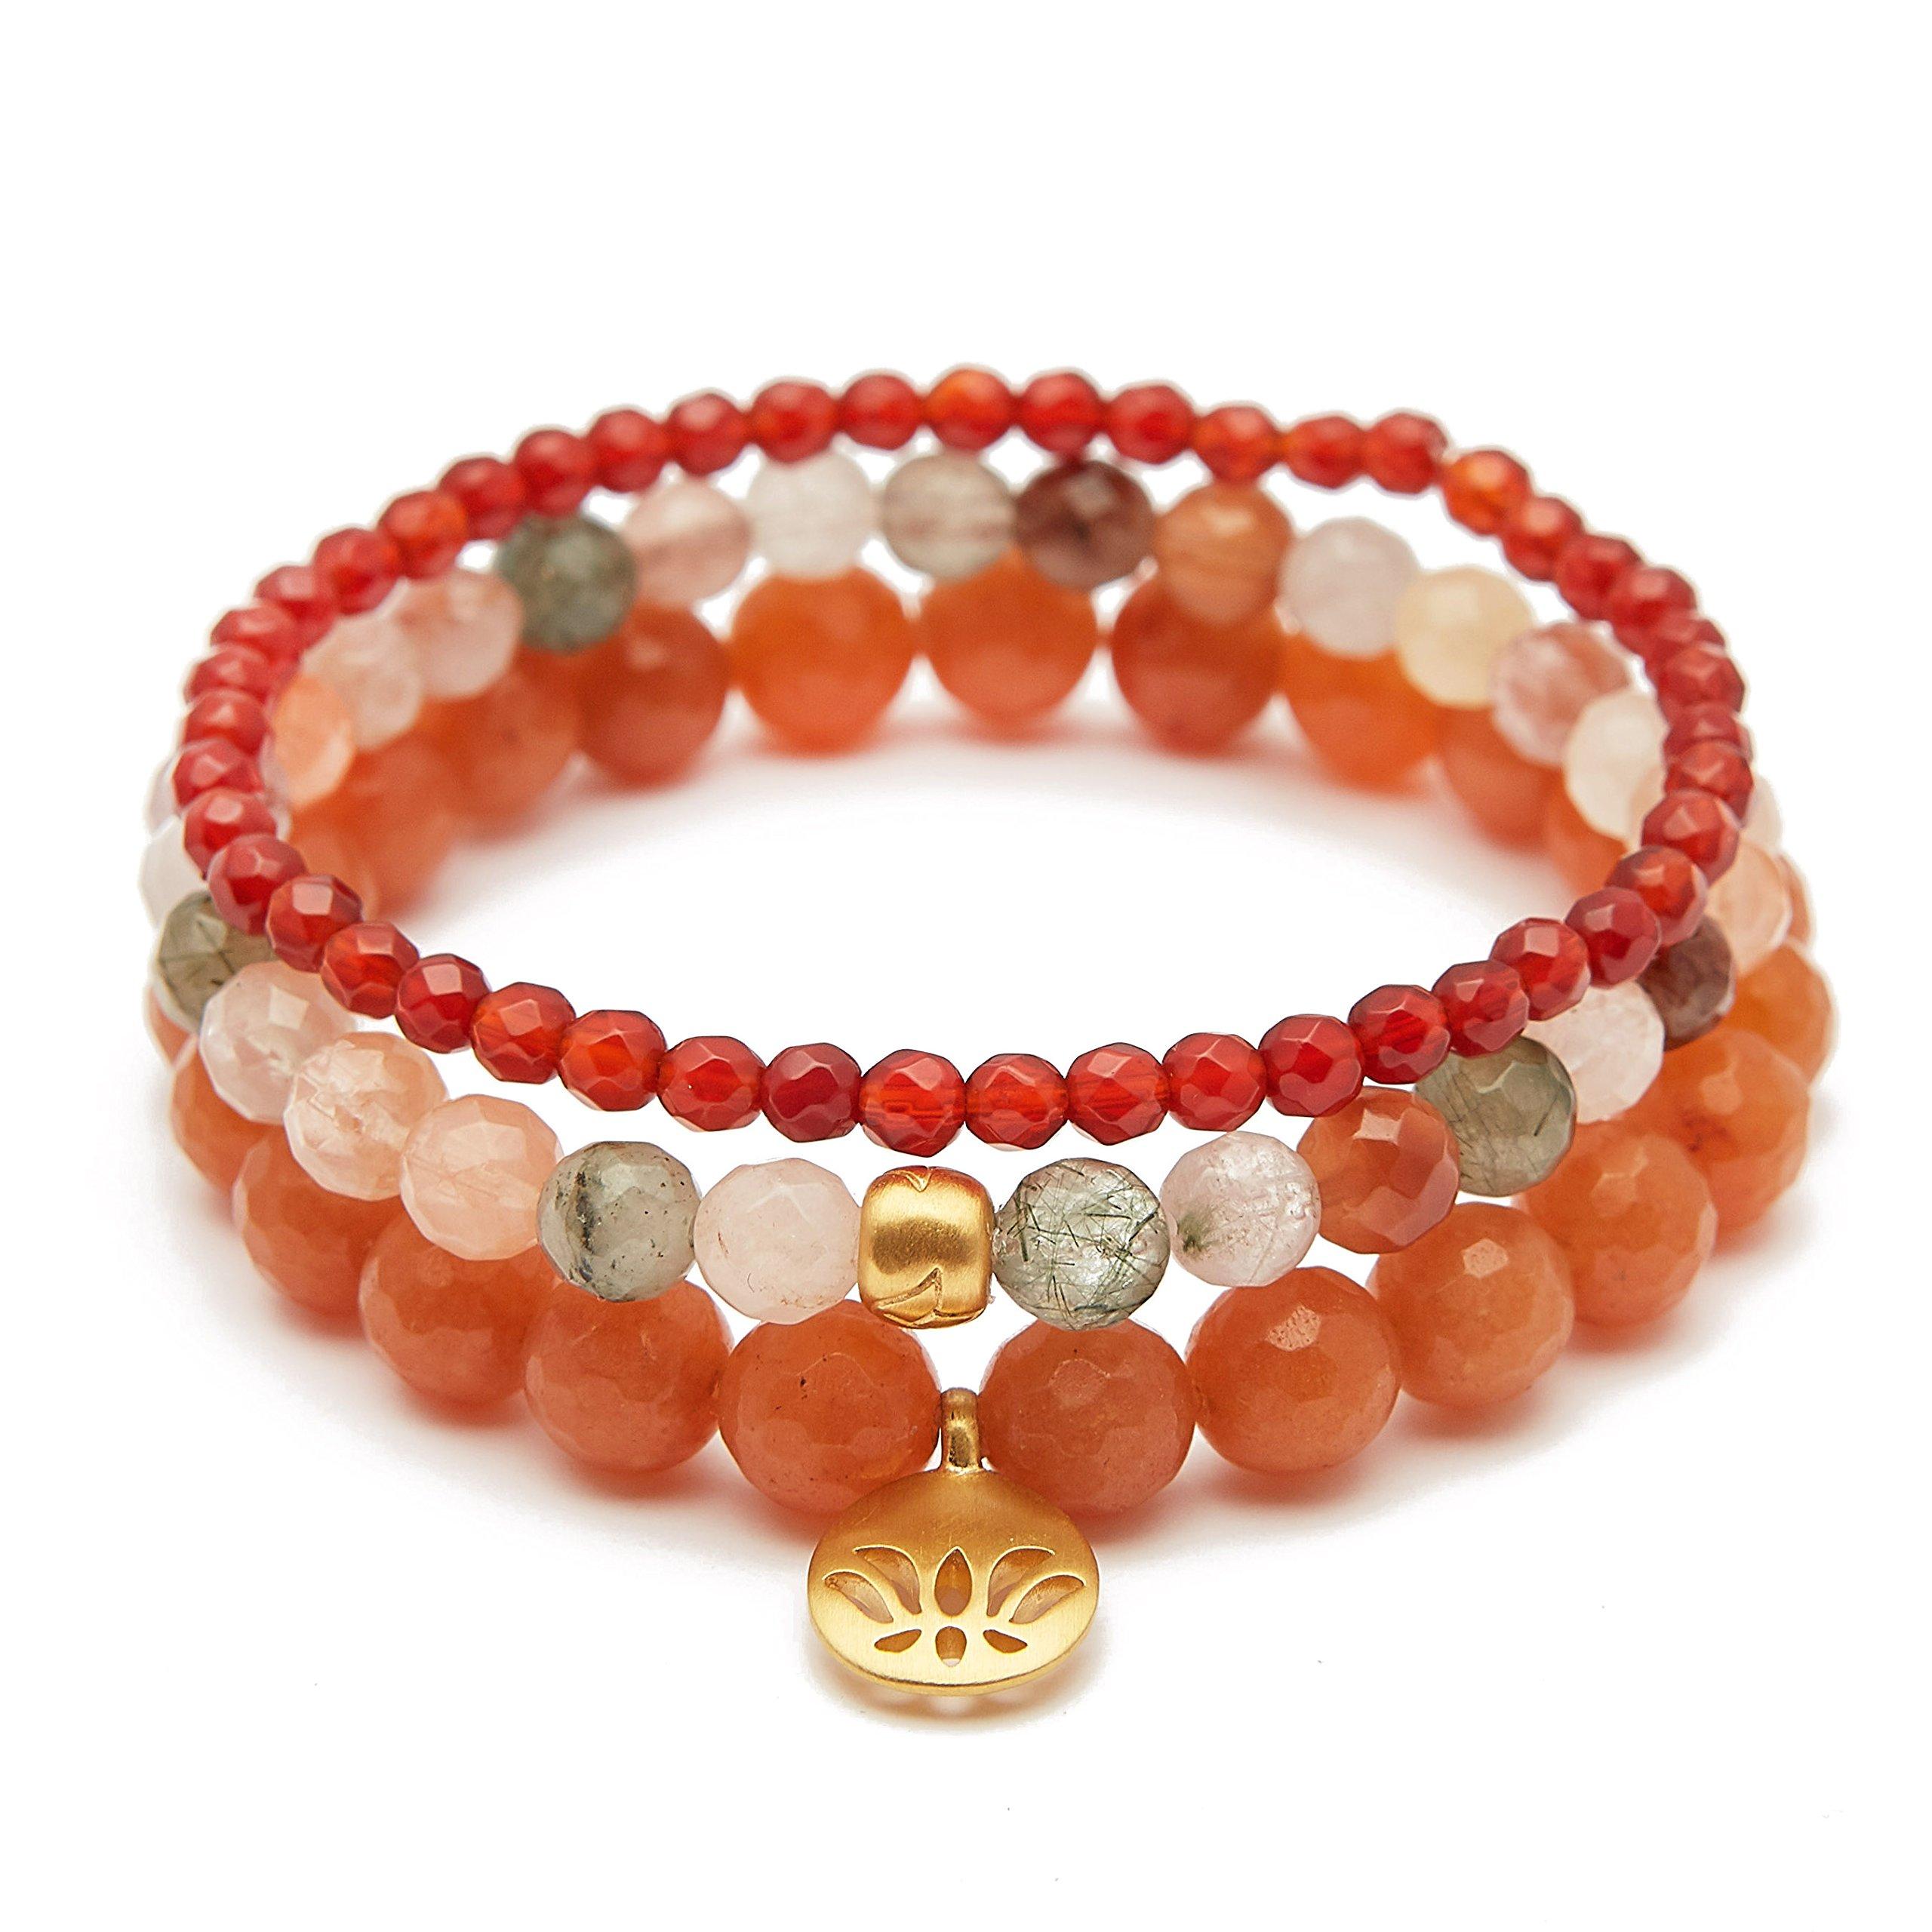 Satya Jewelry Women's Carnelian Rutilated Quartz Red Aventurine Gold Lotus Stretch Bracelet Set, Orange, One Size